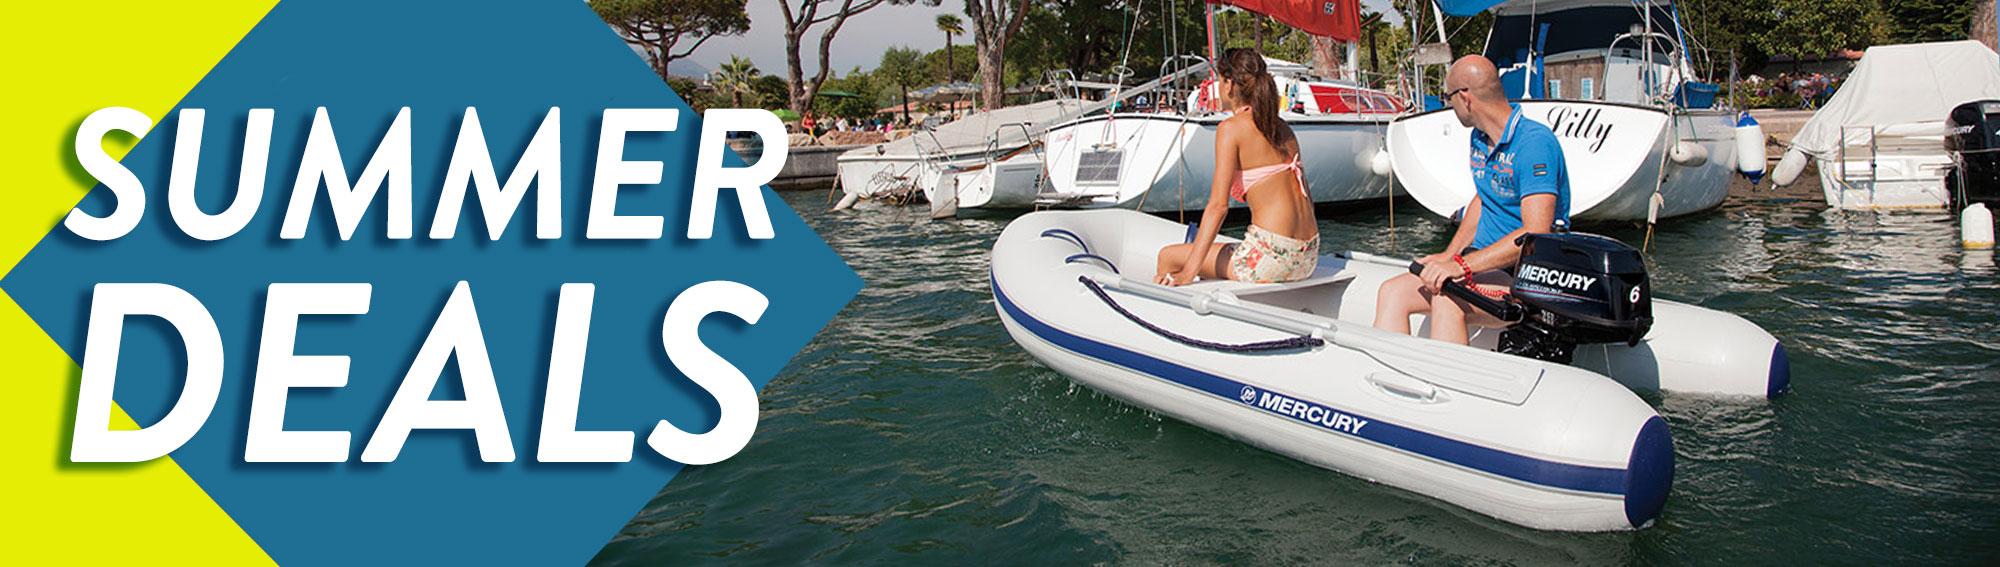 summer-deals-banner.jpg